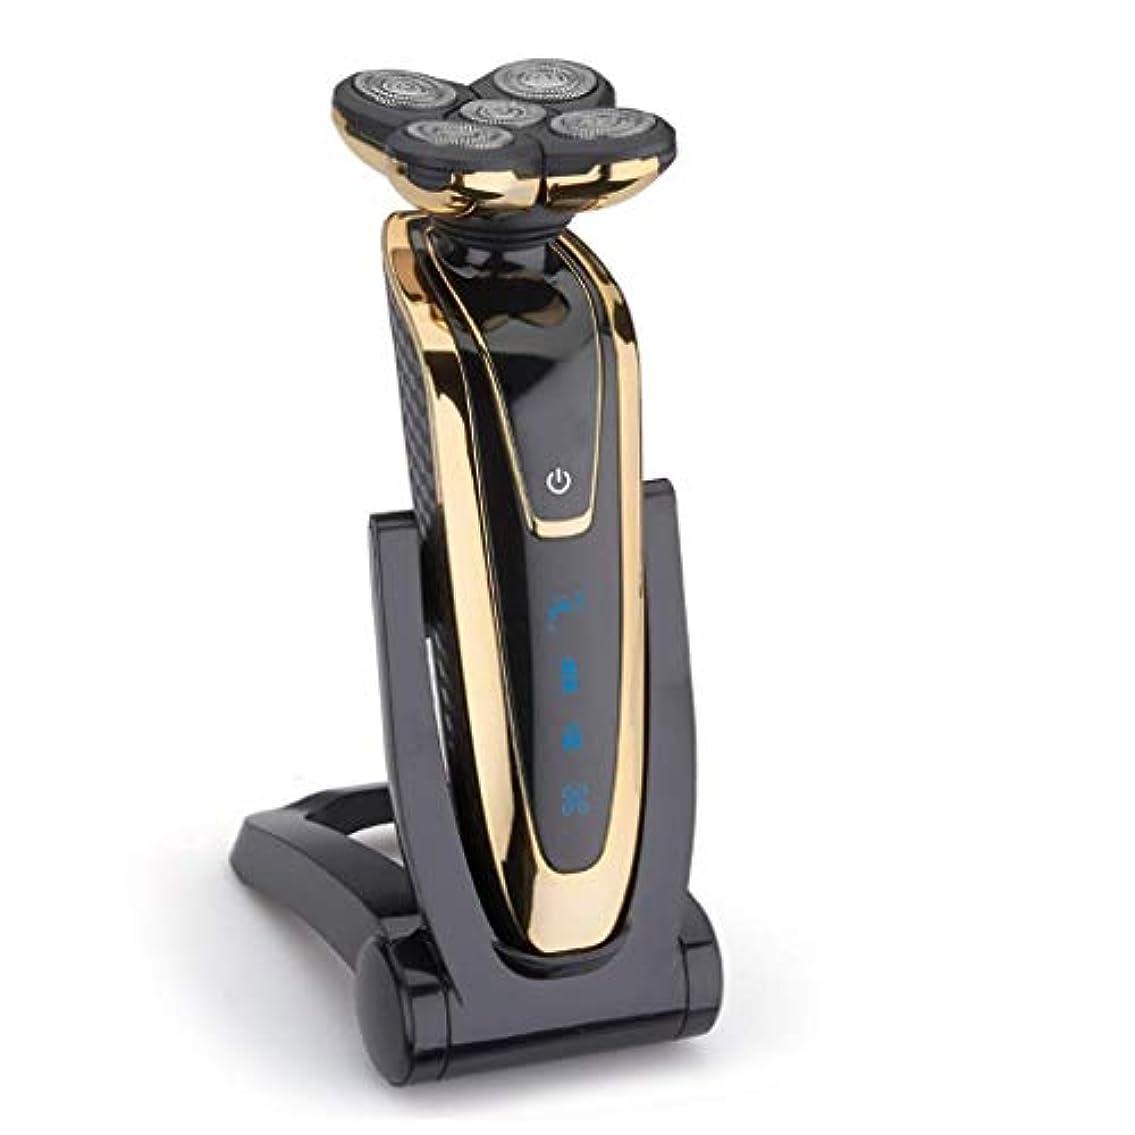 自信があるステージ間に合わせBEIHUAN キット3D浮動ロータリーシェーバーコードレスバリカンあごひげ髪トリマー防水USBの充電式グルーミング男性のための電気かみそり (Color : Gold)